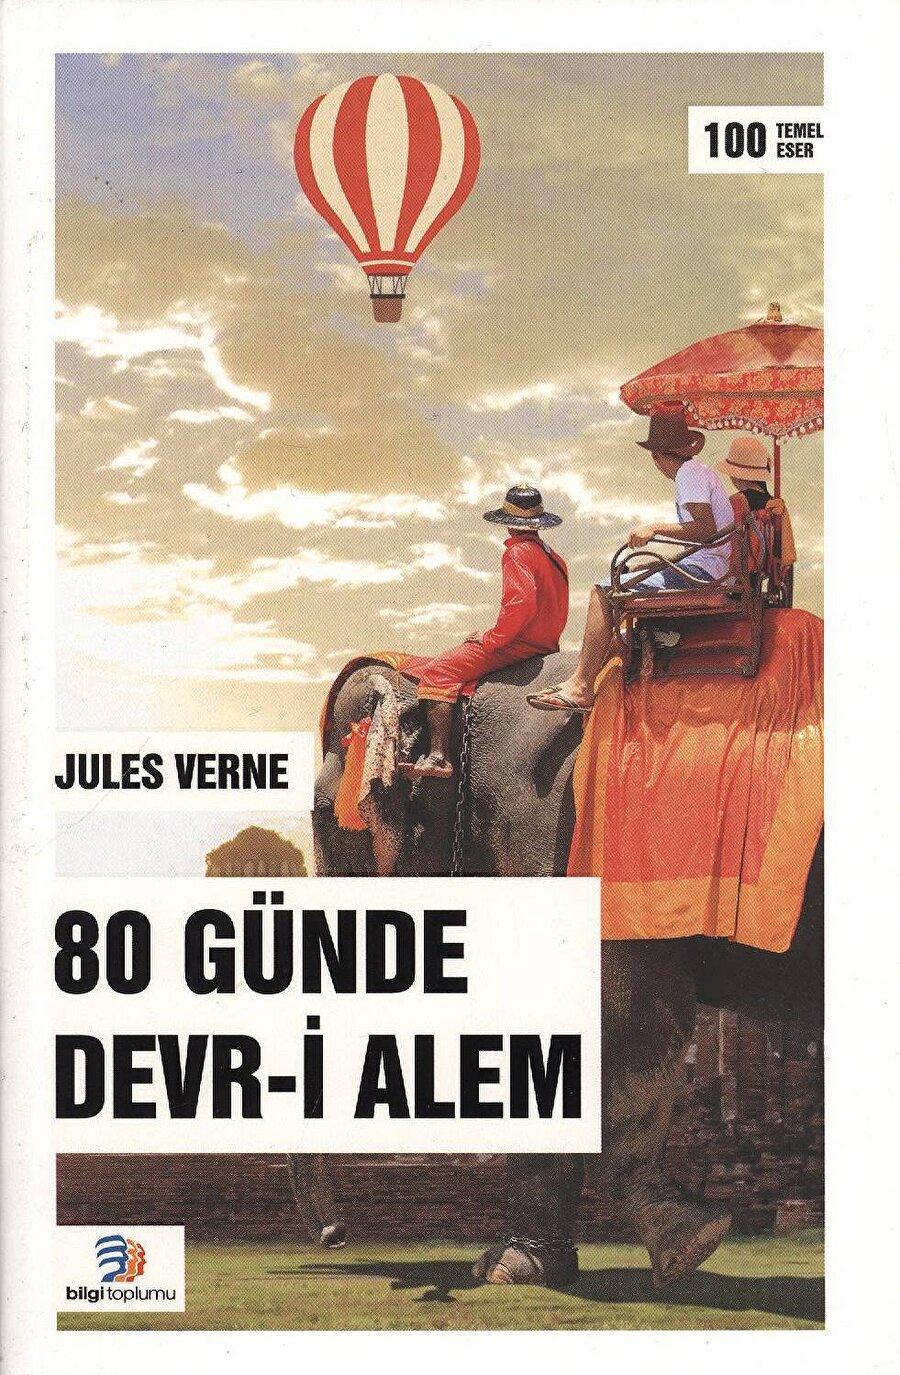 Seksen Günde Devri Alem - Jules Verne                                                                                                                 İçeriğimizi yine bir Jules Verne eseri olan Seksen Günde Devri Alem ile kapatıyoruz. Hikaye, Bay Phileas Fogun'un, Dünyanın küçük olup sadece seksen günde dolaşmanın mümkün olduğunu ortaya koyup iddaaya girdikten sonra yeni uşağını alıp bunu kanıtlamaya çalışırken başından geçen maceraları anlatıyor